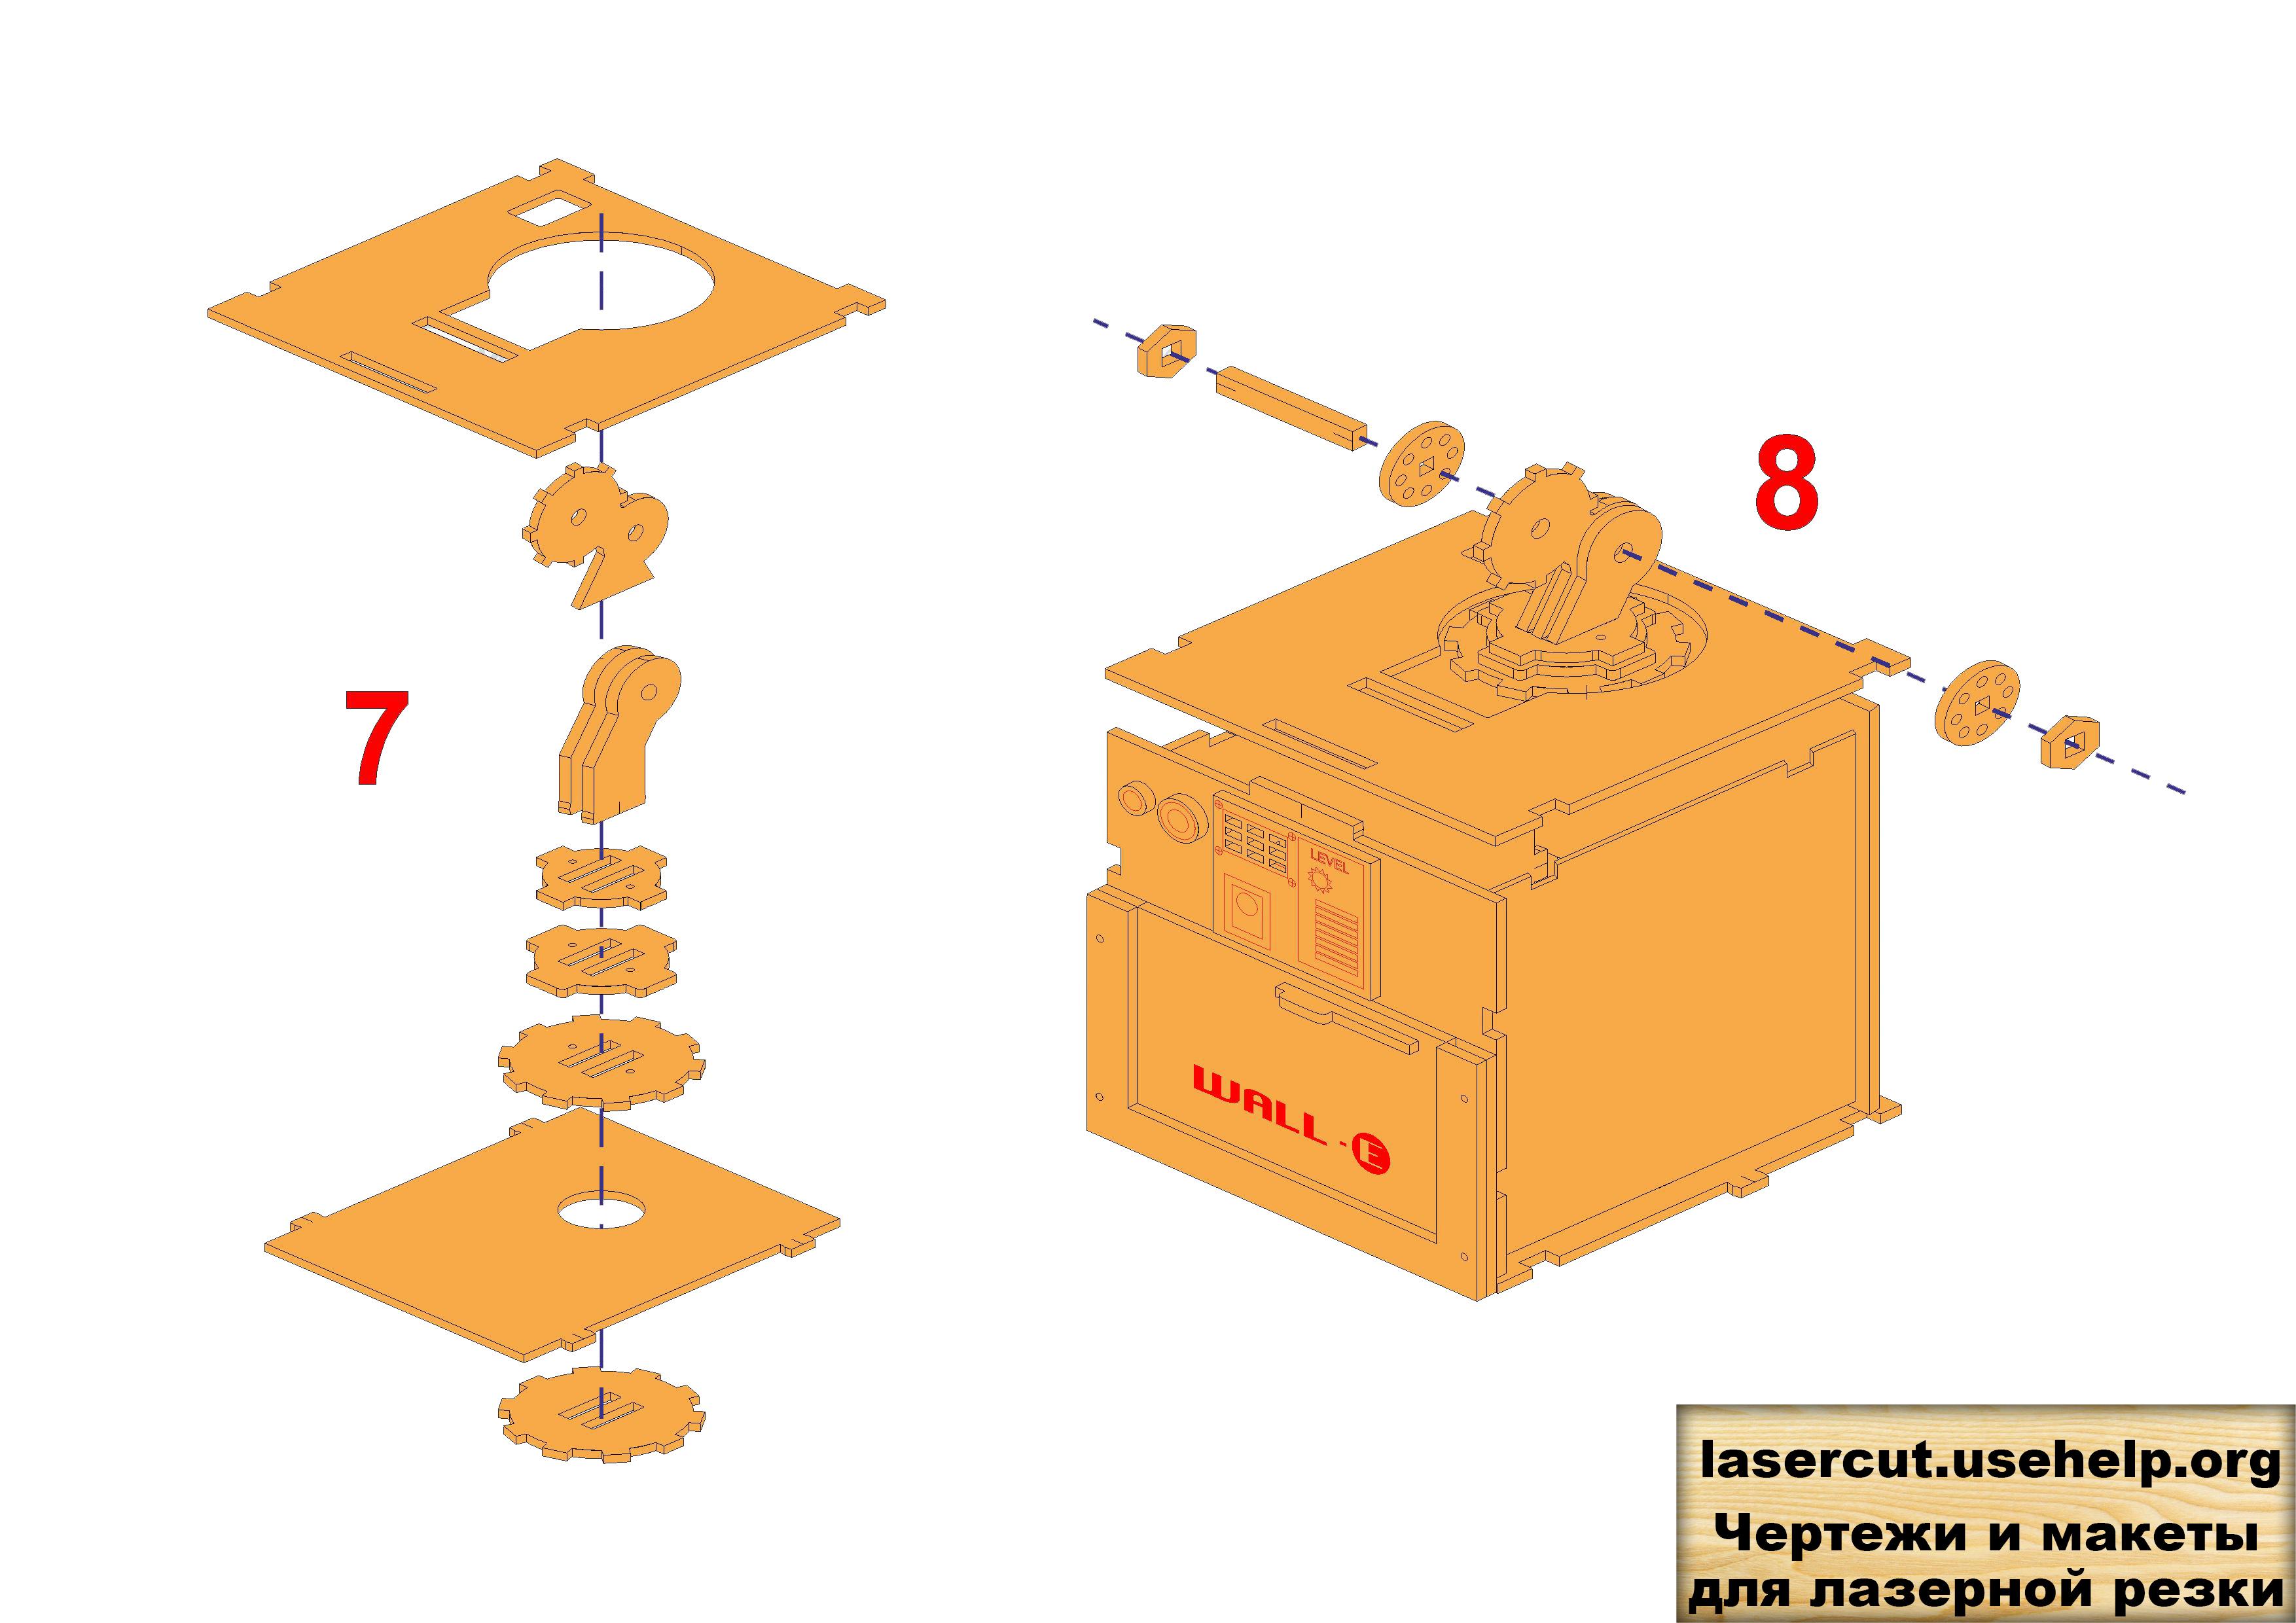 Инструкция по сборке робота Валли для лазерной резки